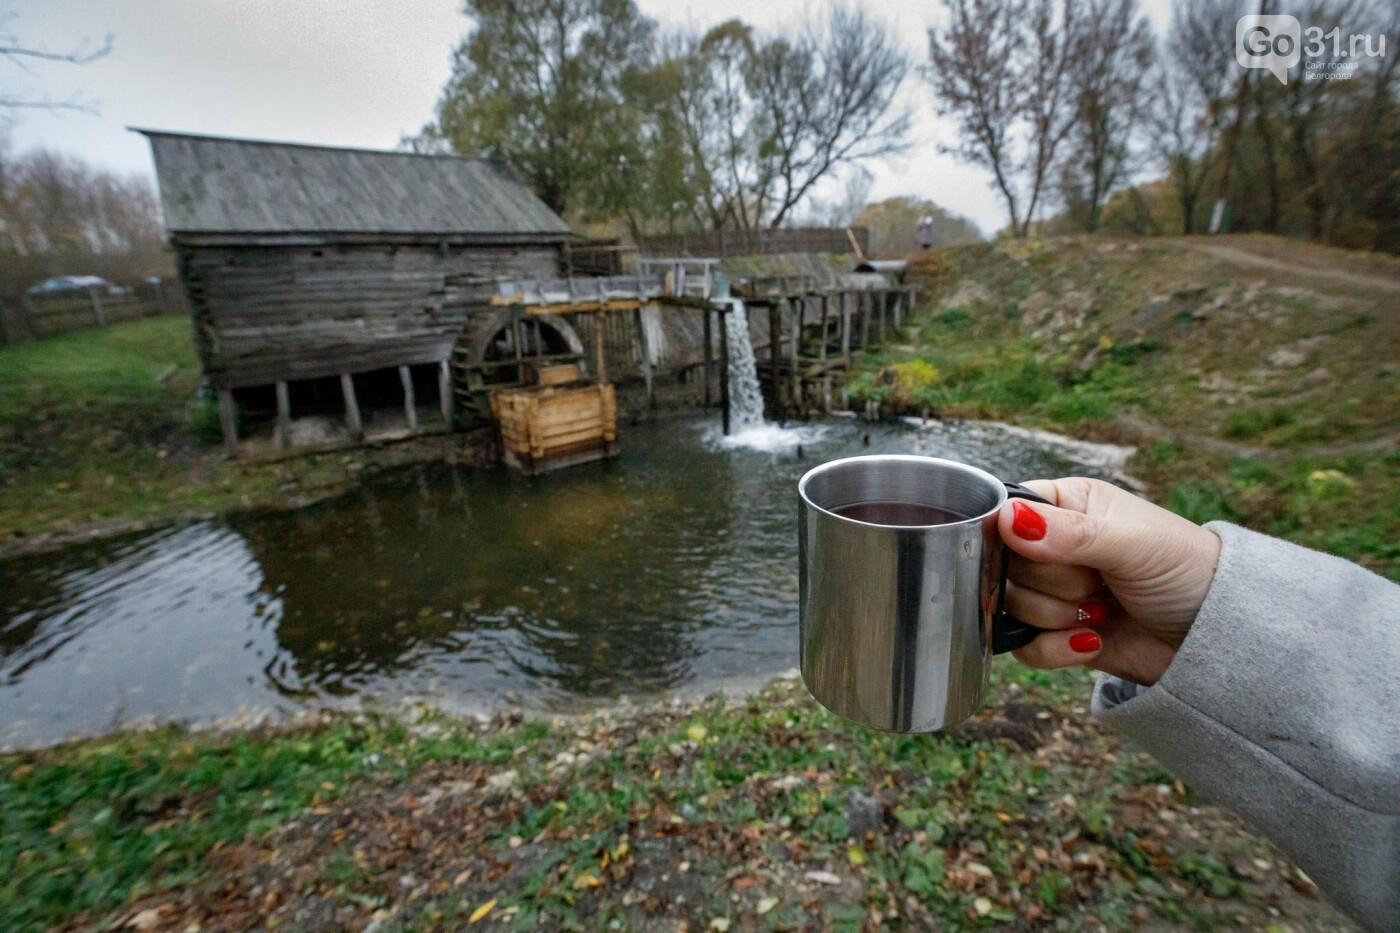 Мельница в селе Красниково Курской области, Фото: Антон Вергун